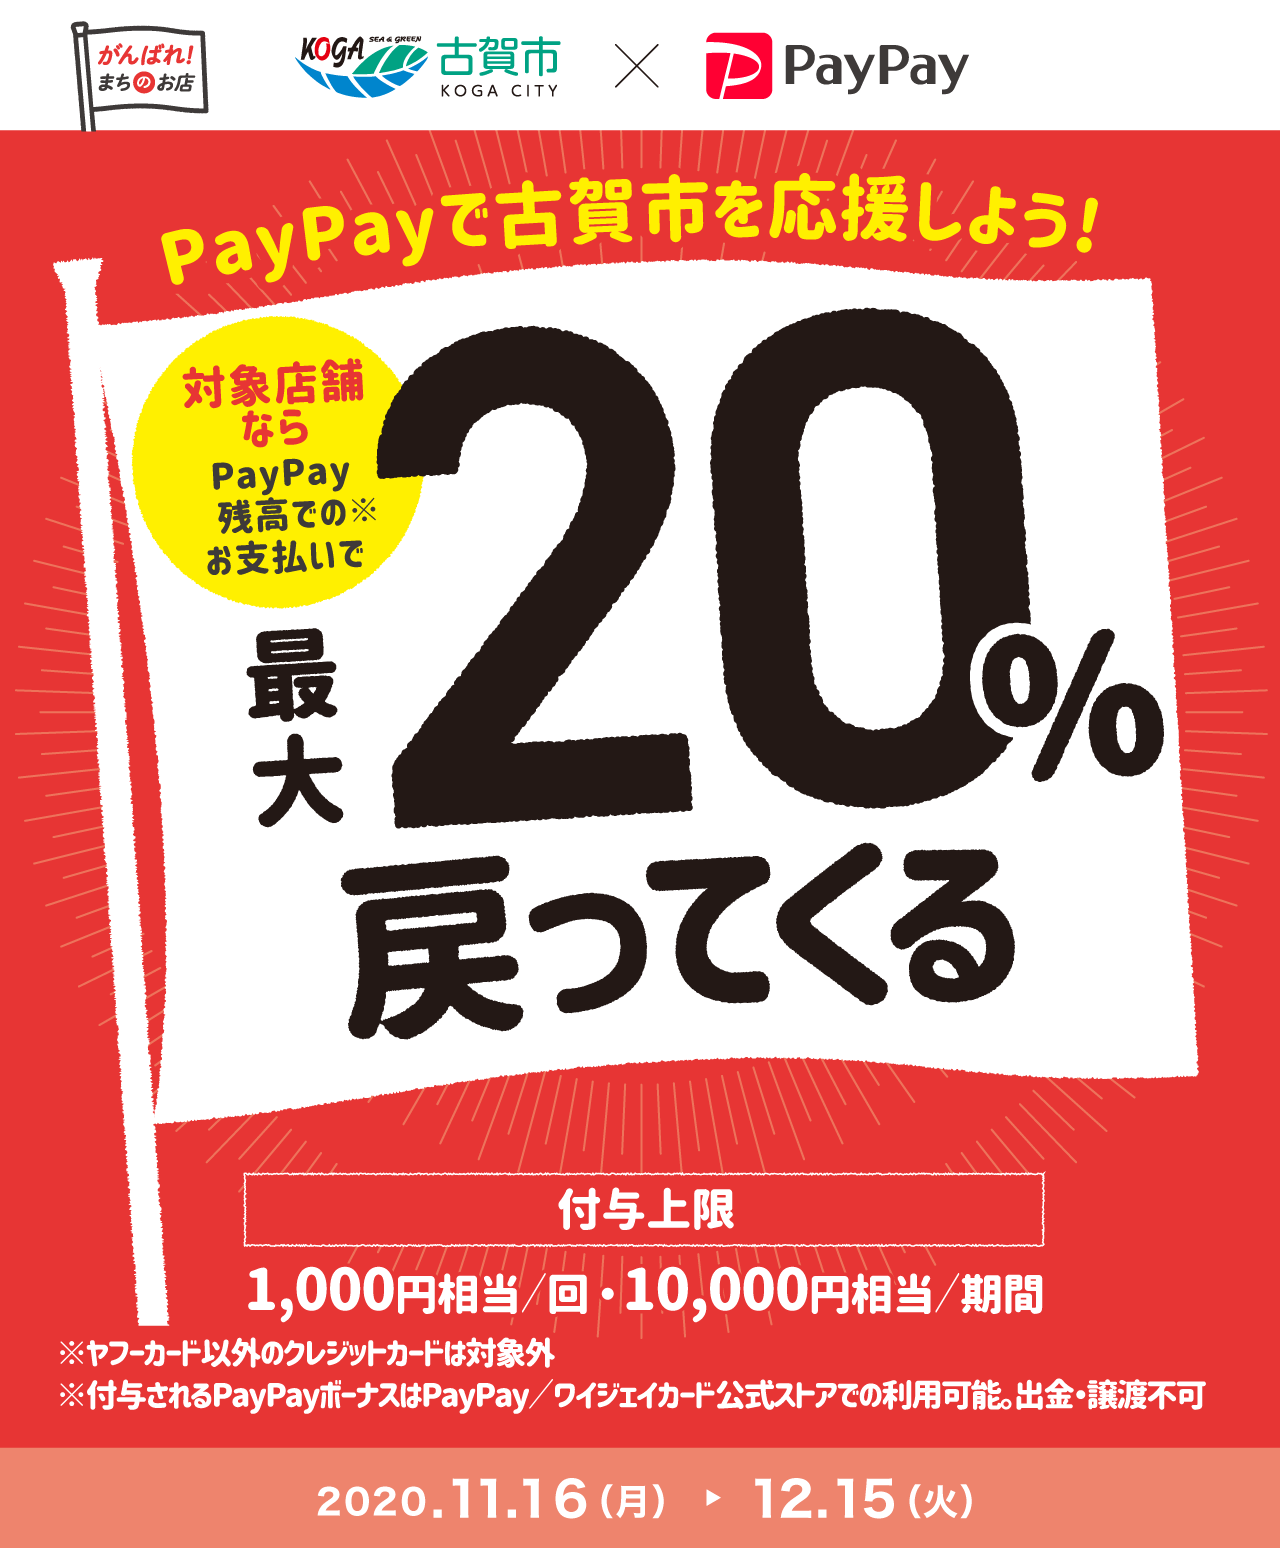 PayPayで古賀市を応援しよう! 対象店舗ならPayPay残高でのお支払いで最大20%戻ってくる